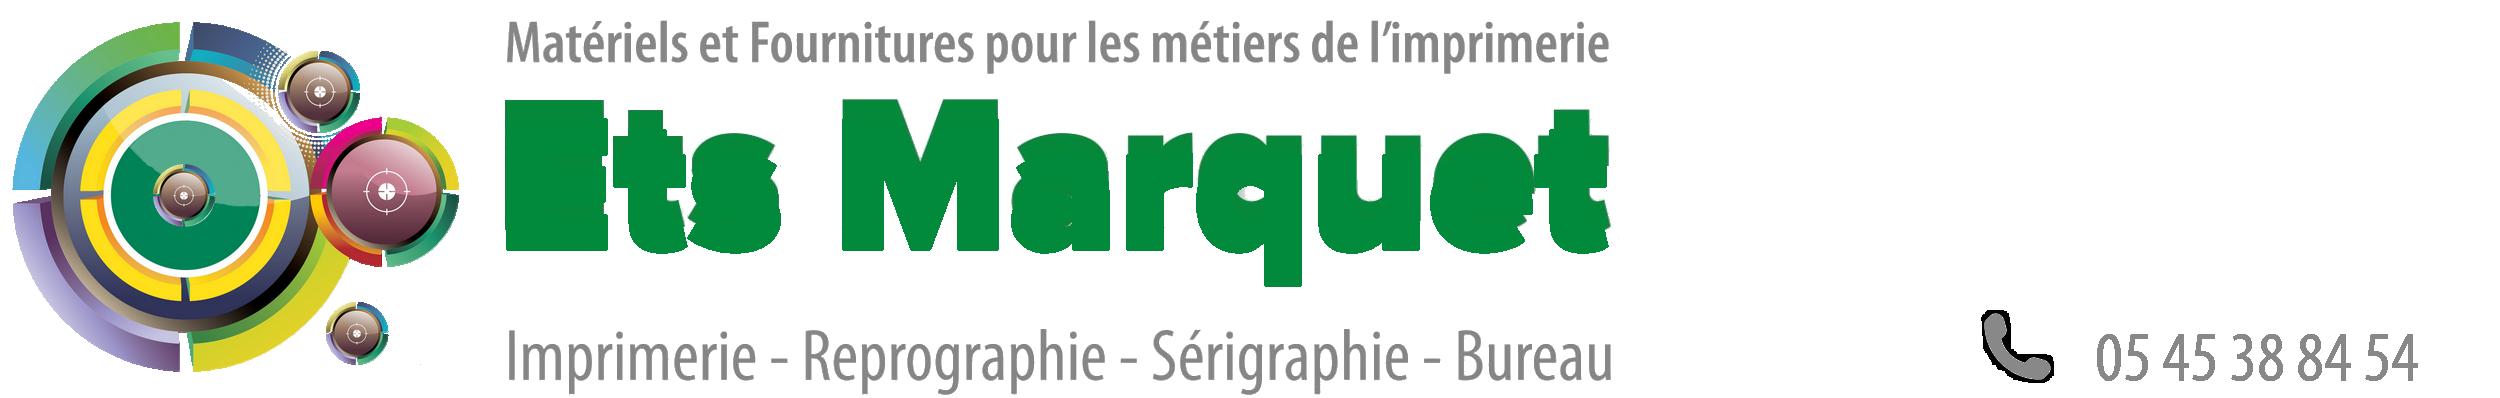 Ets Marquet